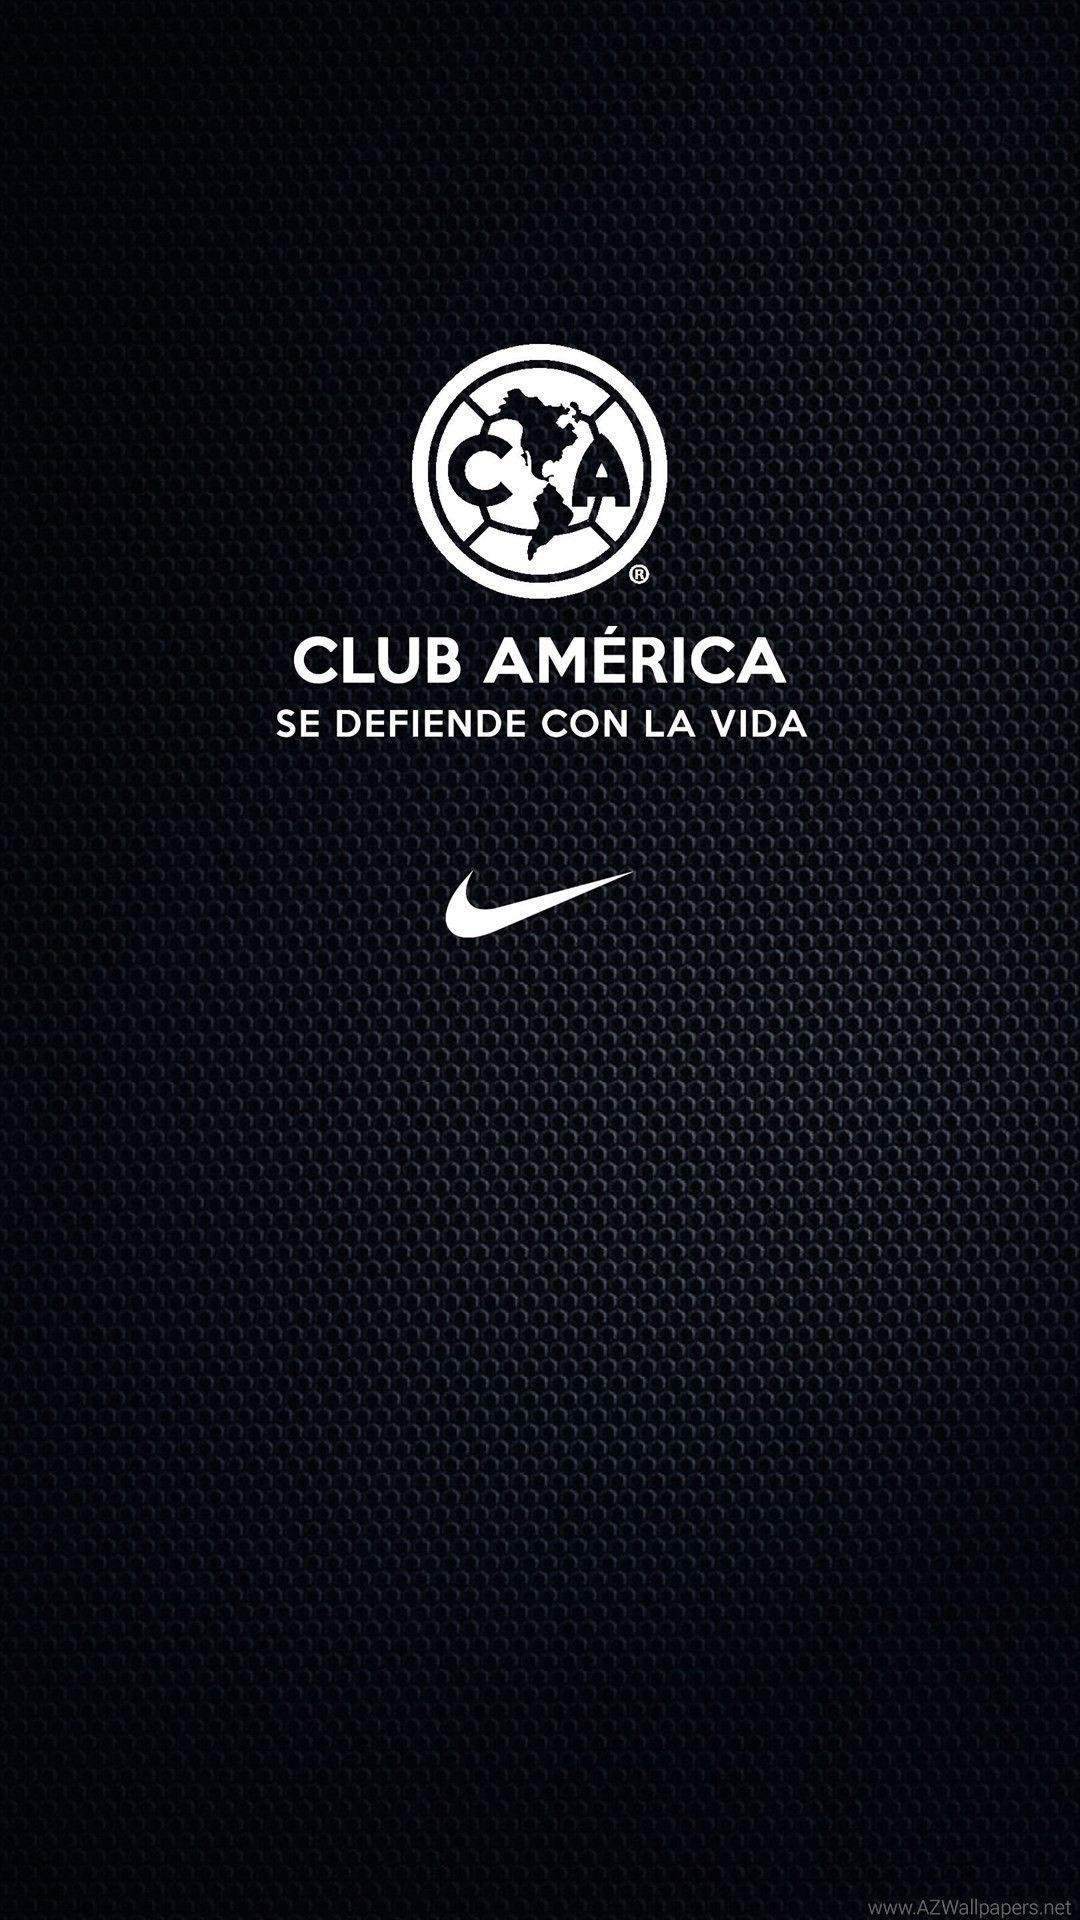 Club America Logo Wallpapers Top Free Club America Logo